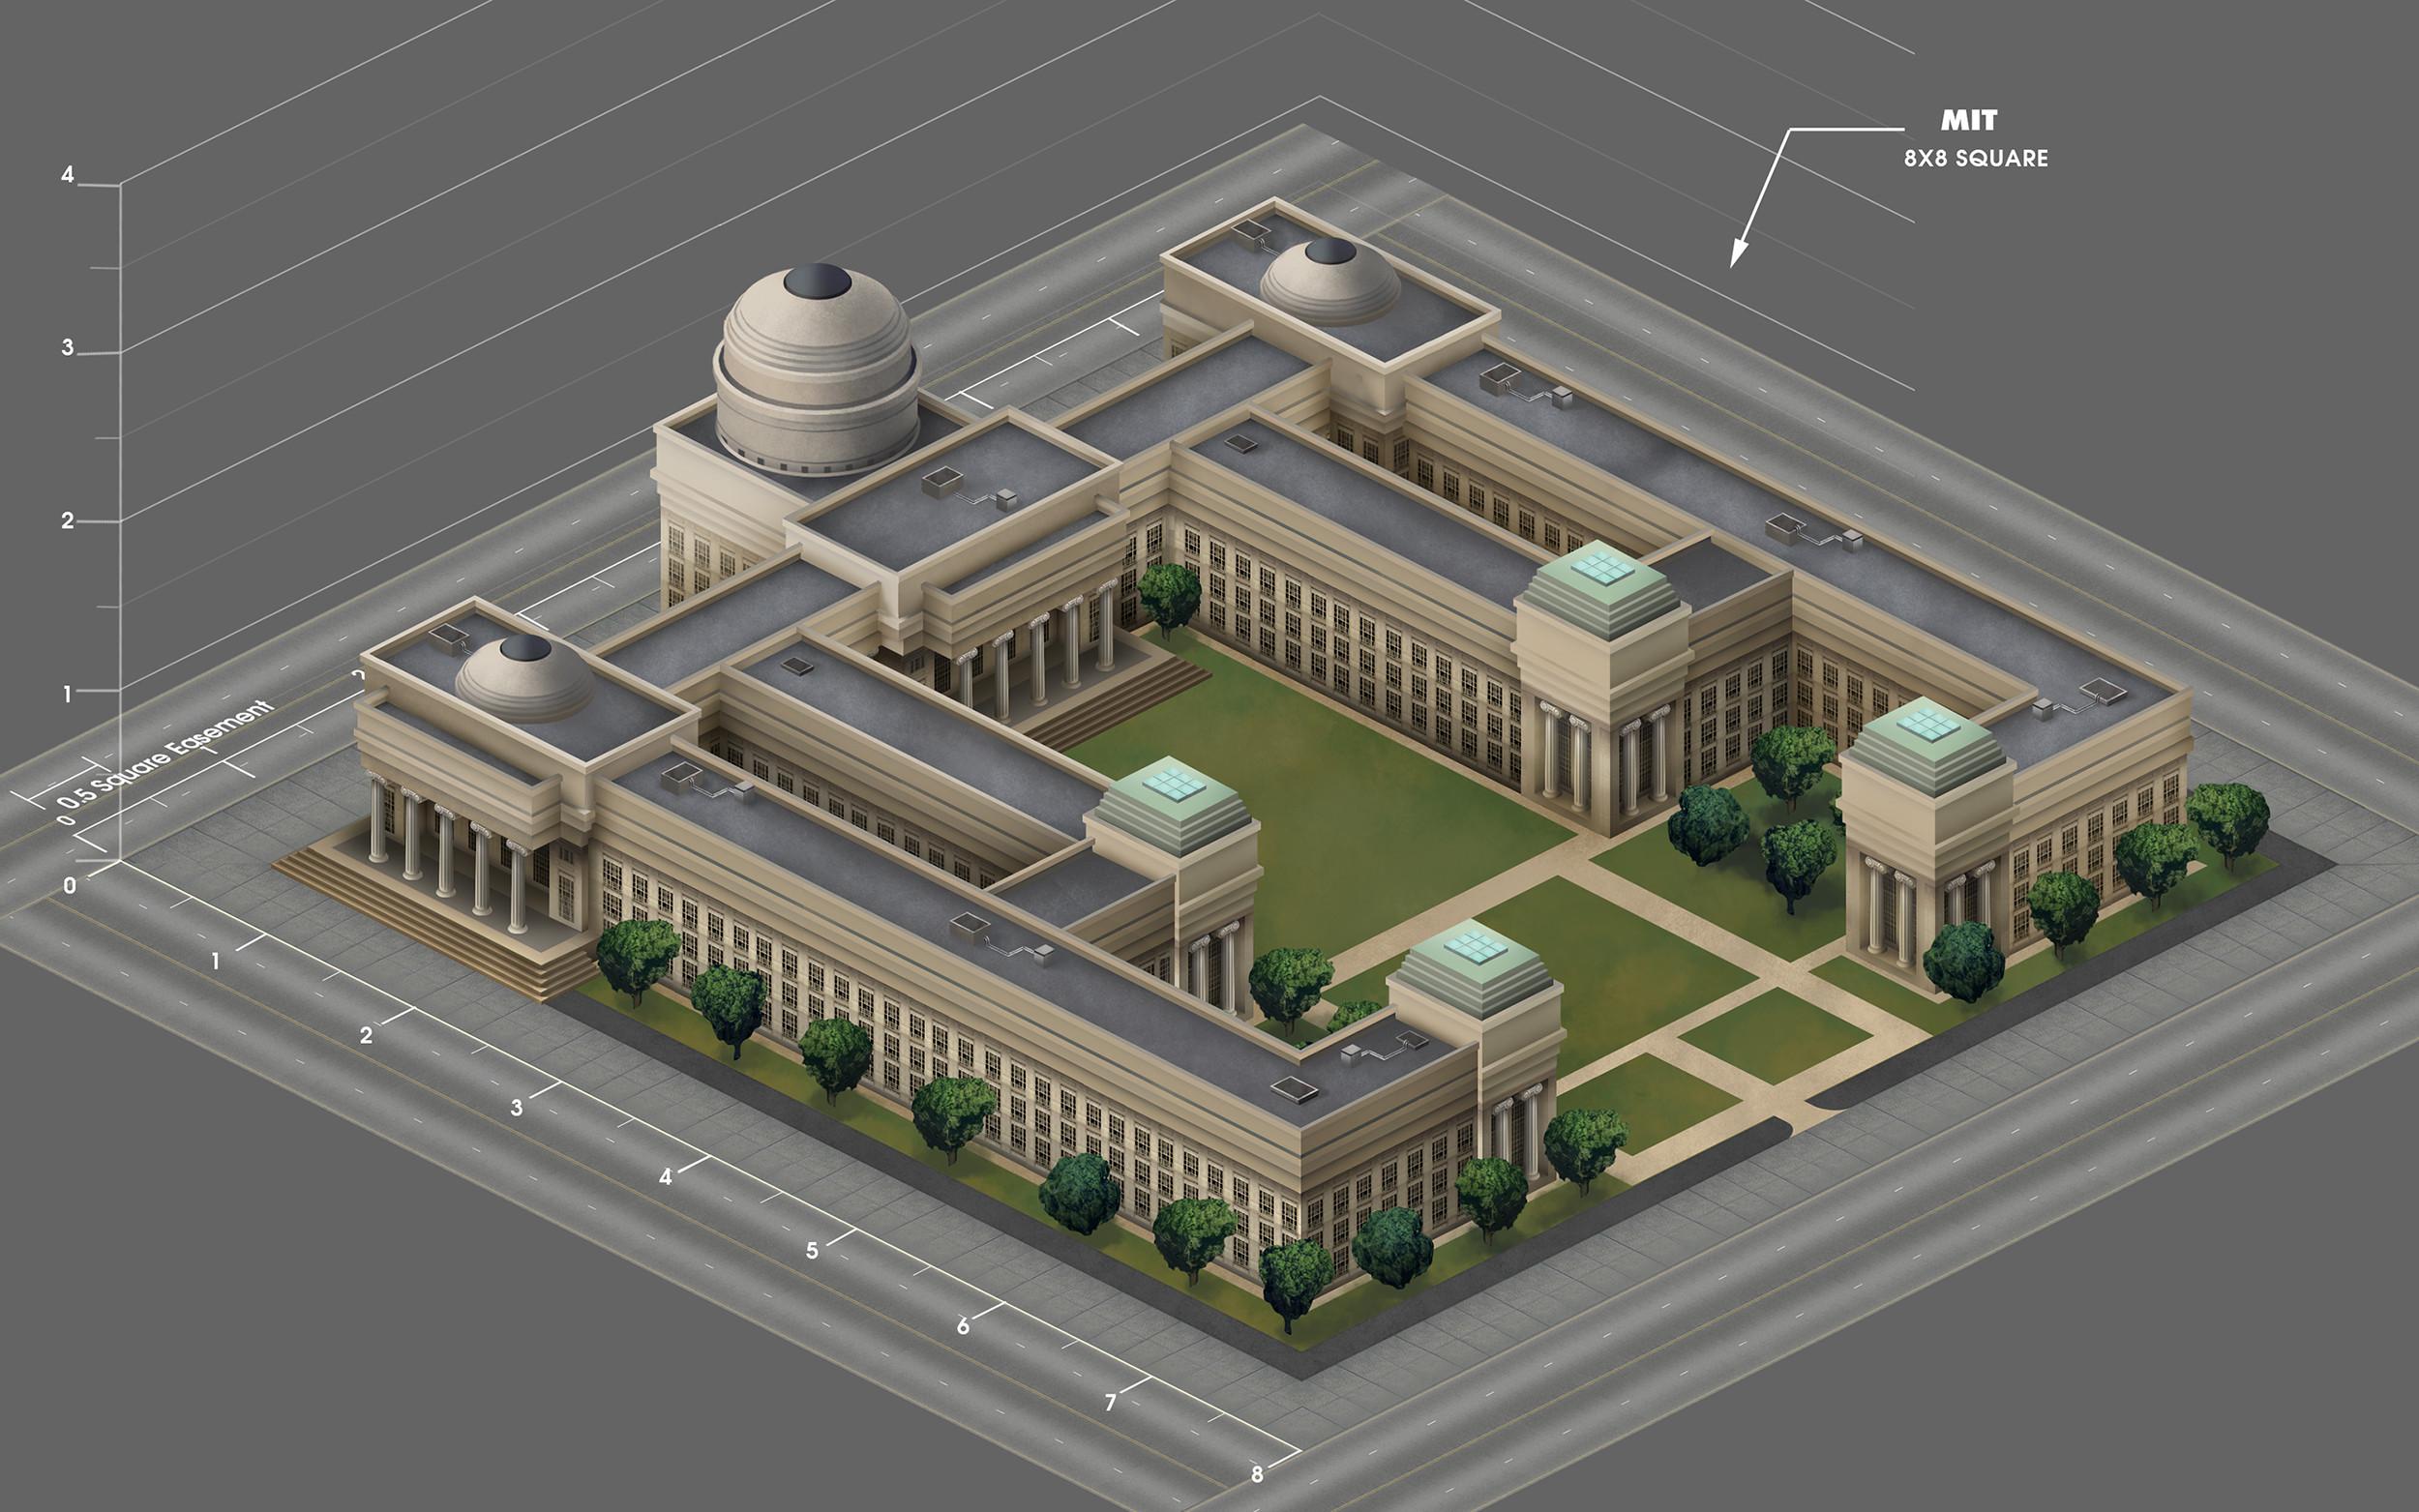 MIT structure